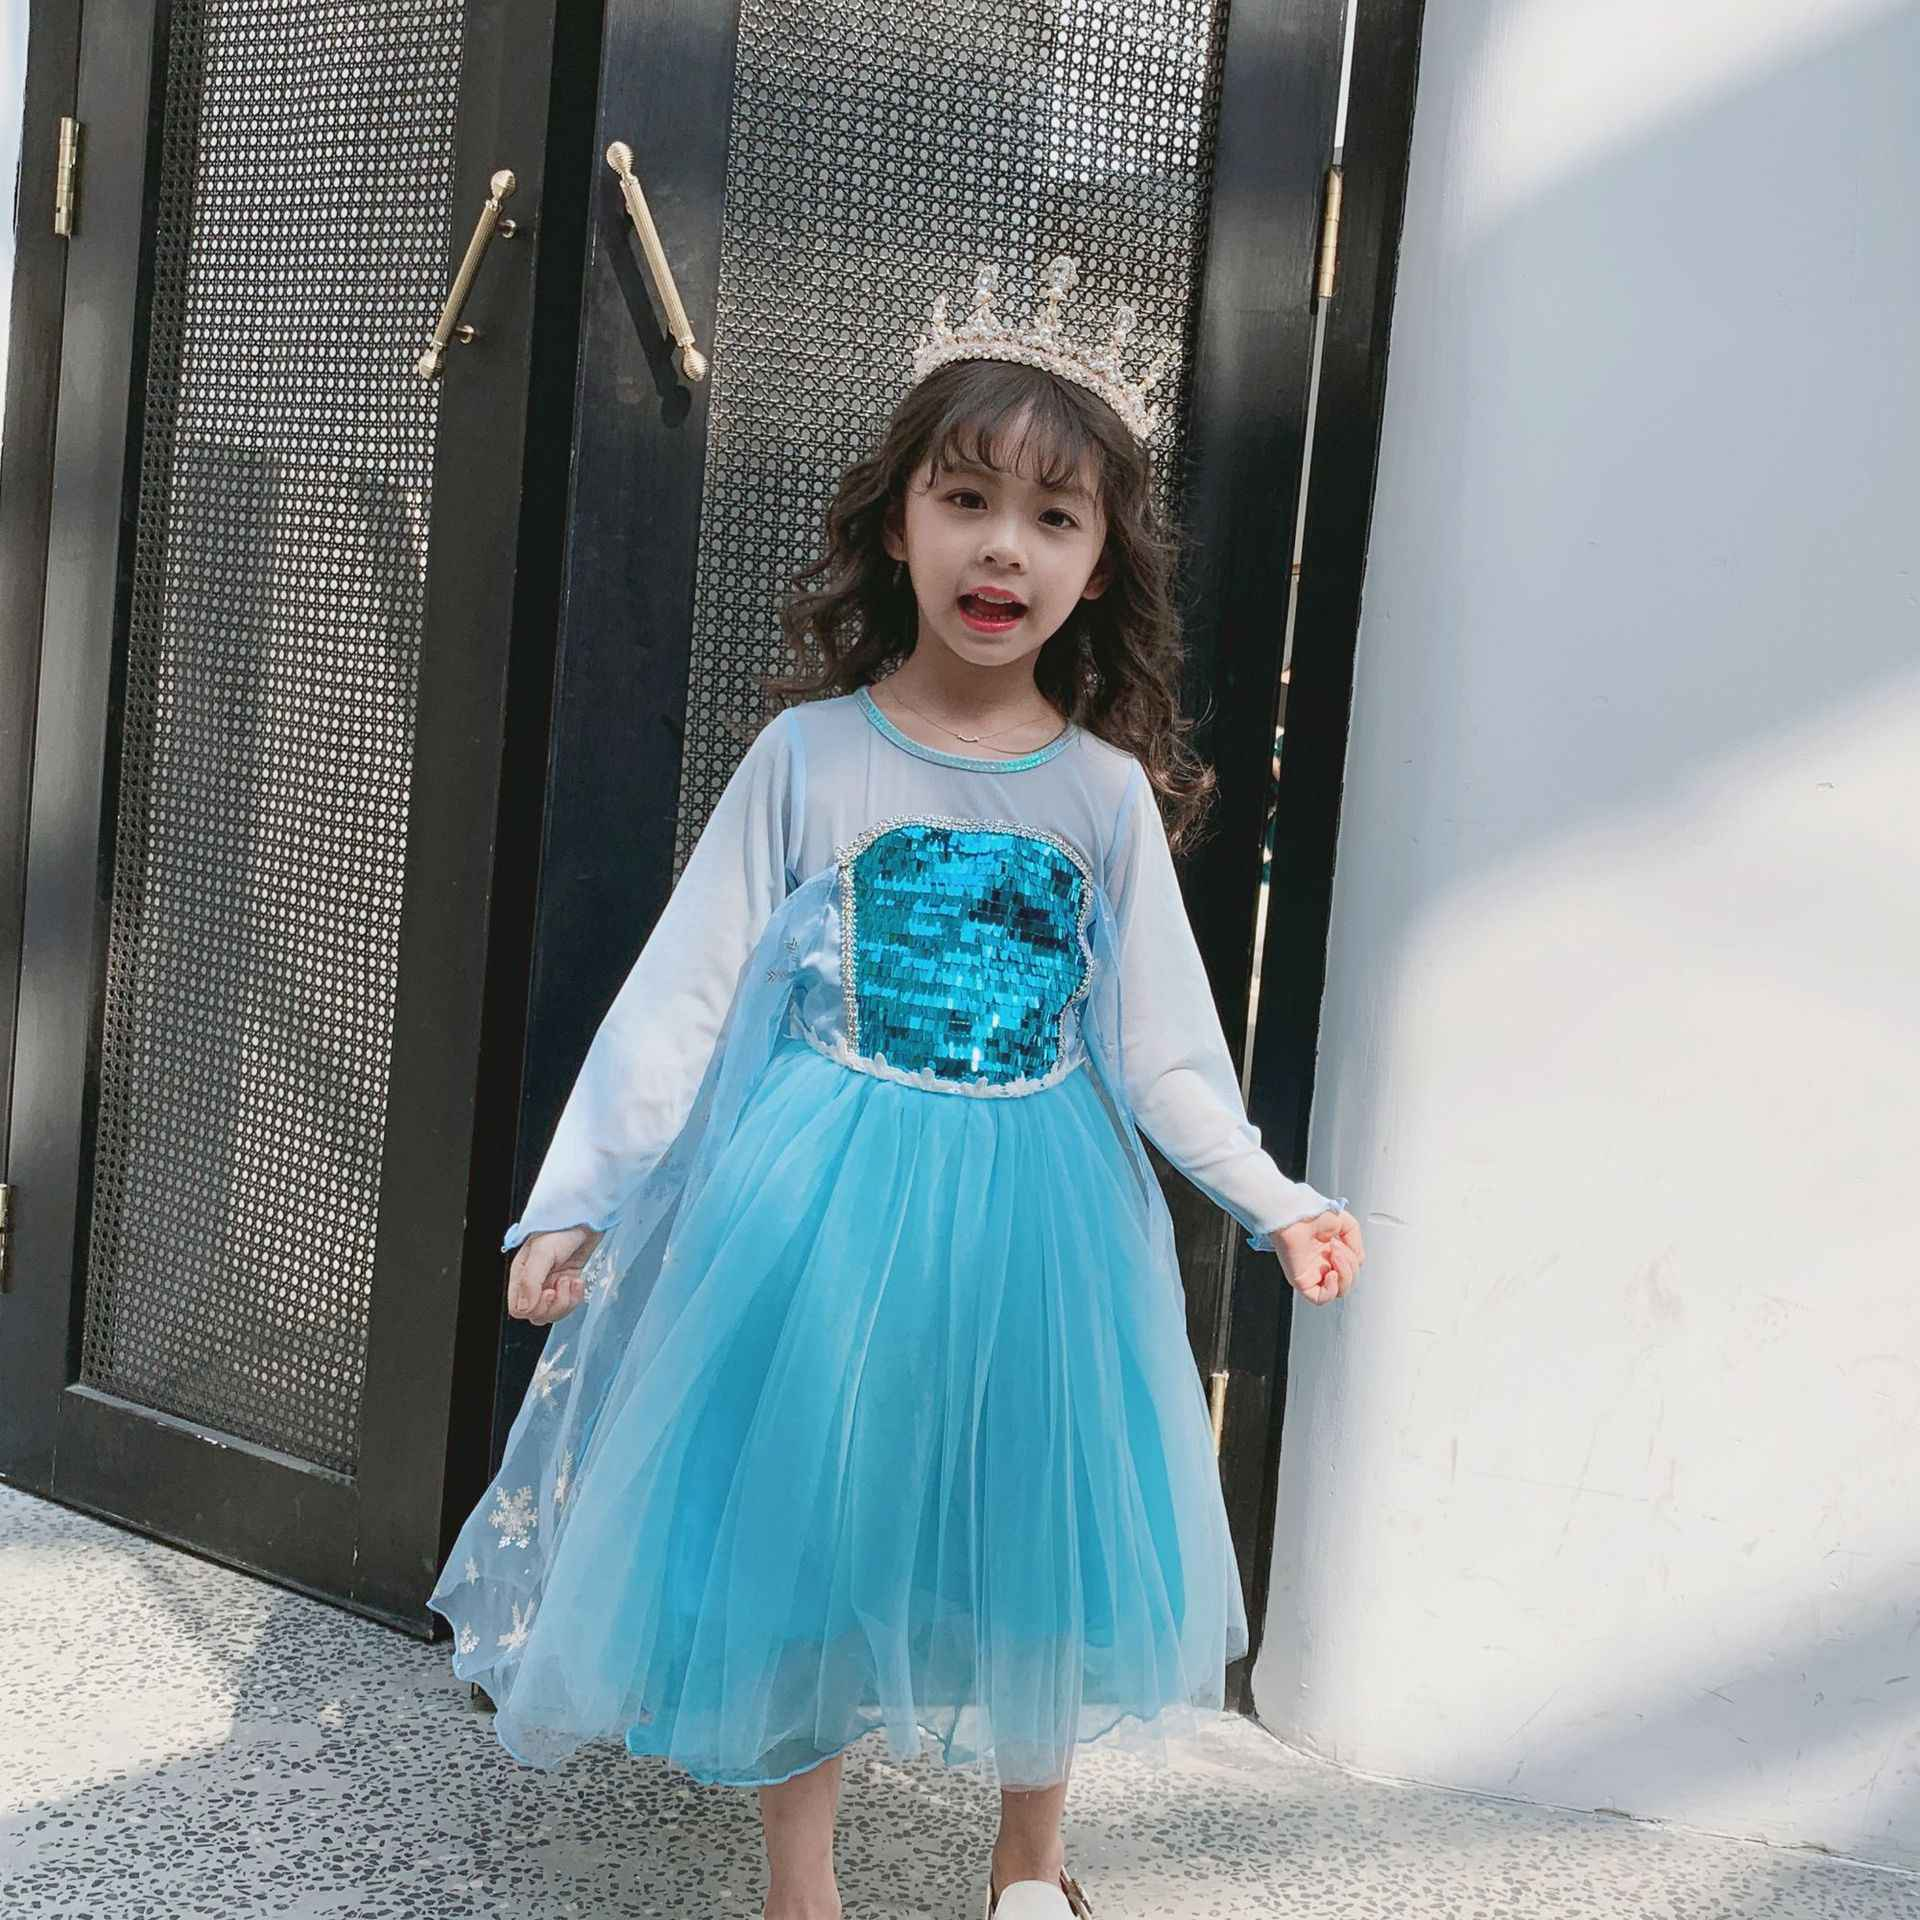 Disney Trẻ Em Áo Váy Cho Bé Gái Đầm Công Chúa Elsa Giáng Sinh Halloween Quần Áo Trẻ Em Cosplay Thanh Lịch Đông Lạnh Lưới Hoạt Hình